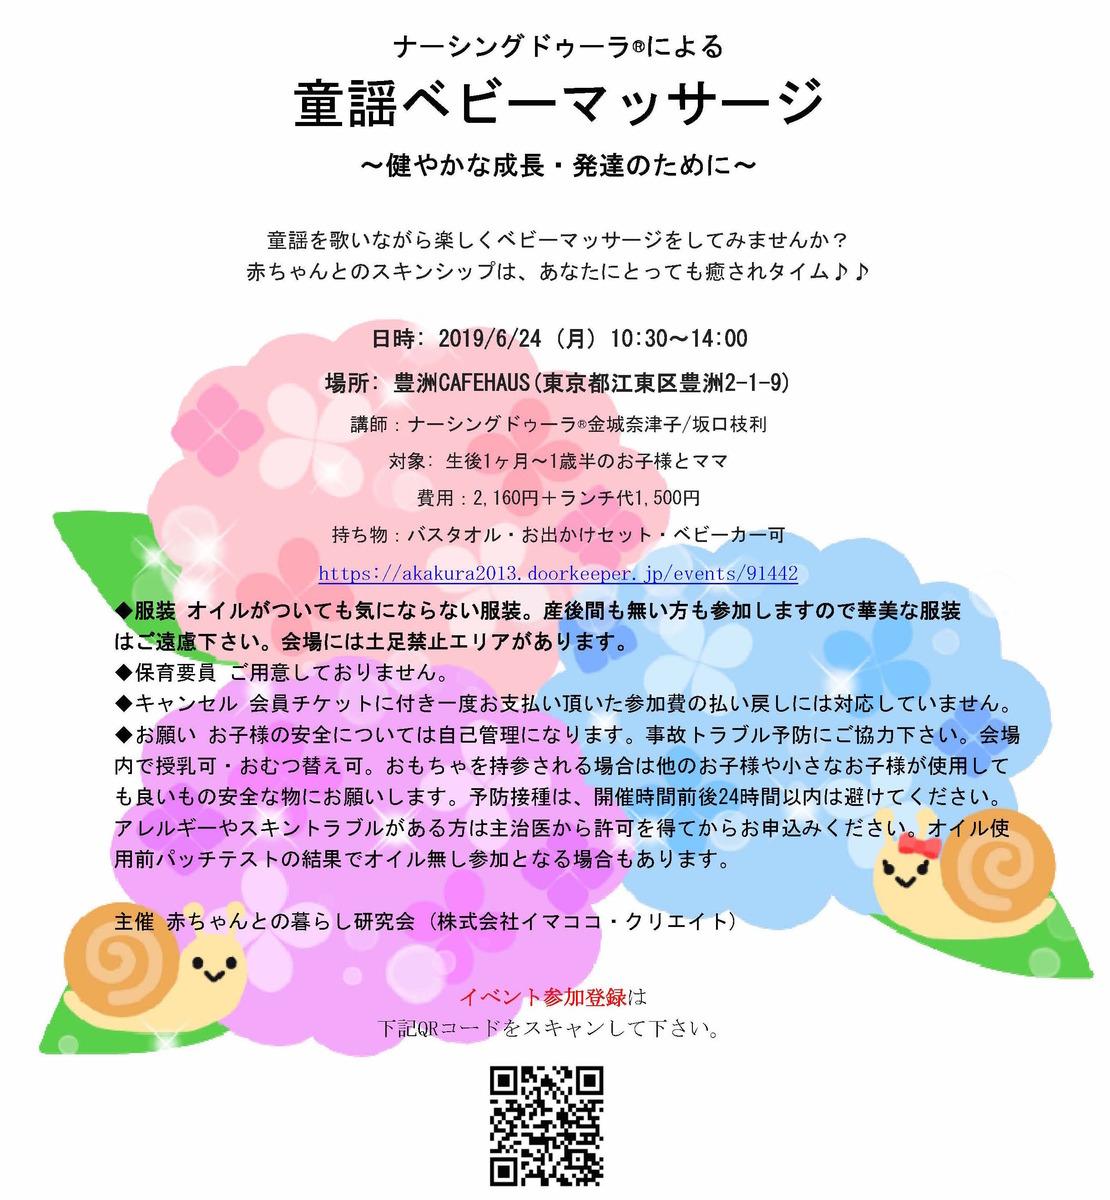 童謡ベビーマッサージ_20190527_v2.jpg